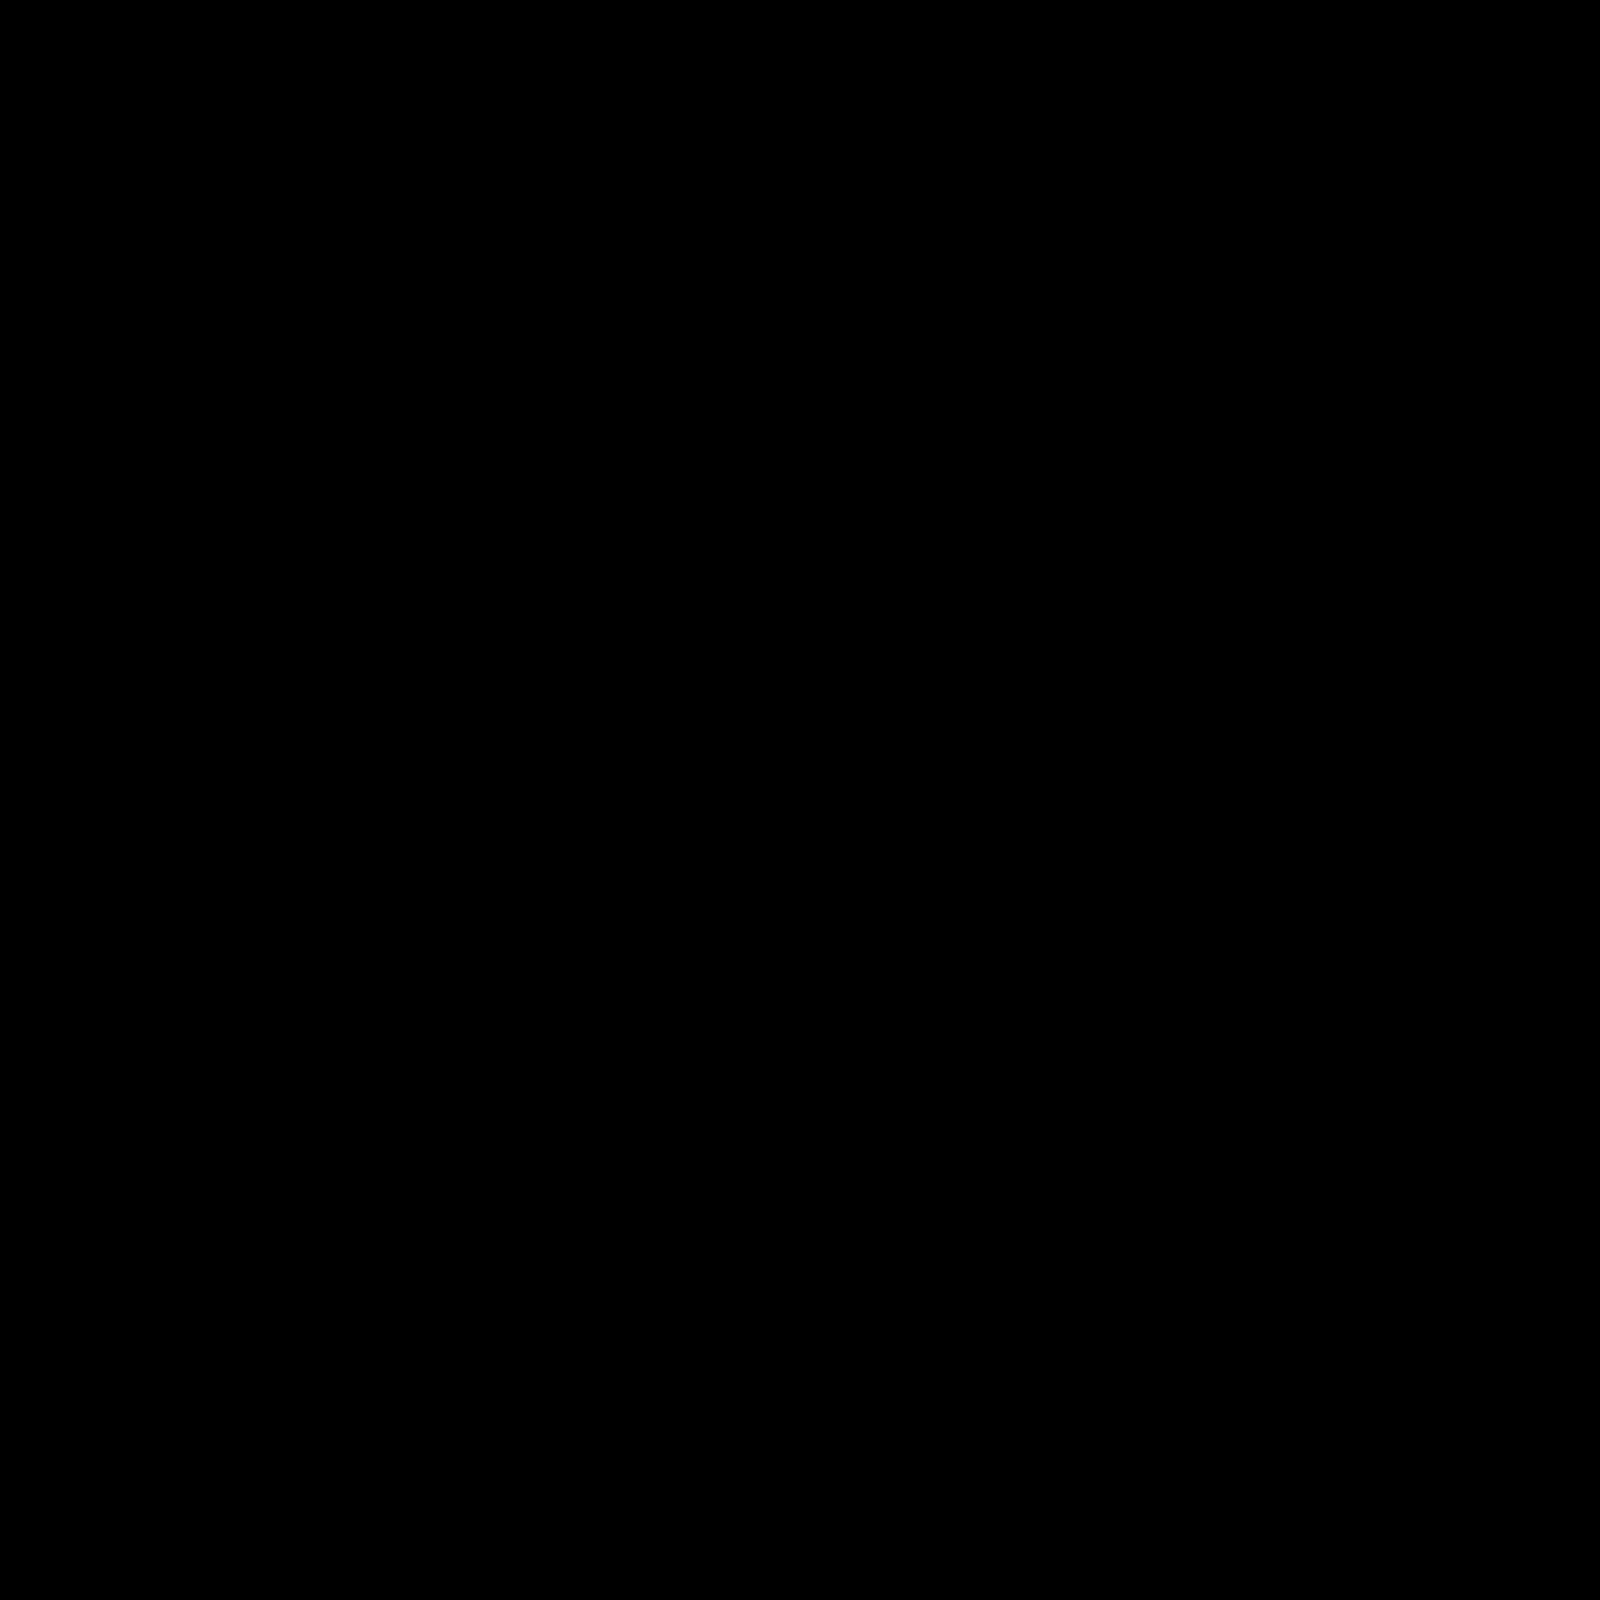 Half Life PNG-PlusPNG.com-1600 - Half Life PNG